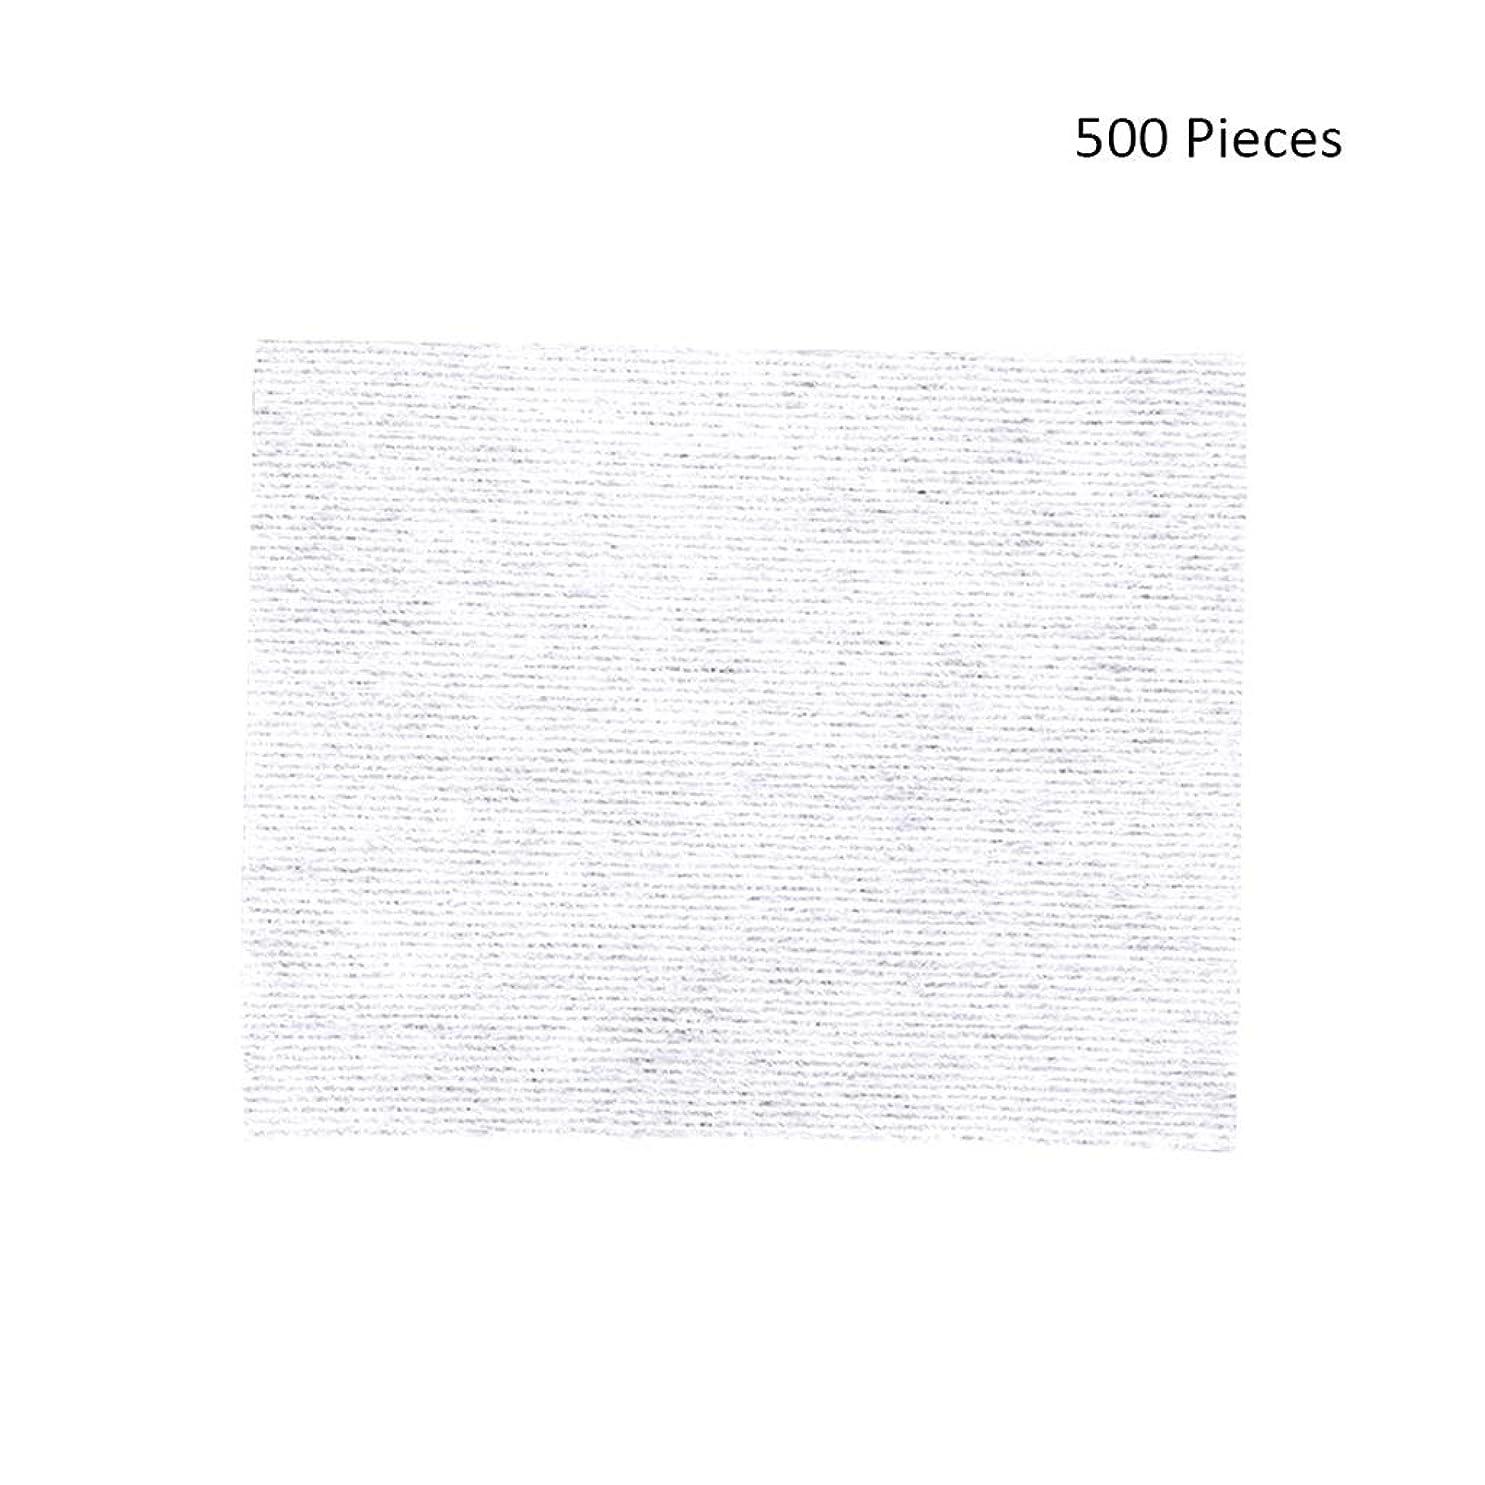 再編成するに話す電気の500ピースフェイスメイクアップリムーバーワイプコットンパッドメイクアップリムーバーソフト化粧品フェイスマスククレンジングケアフェイシャルコットンパッド (Color : White, サイズ : 6*5cm)